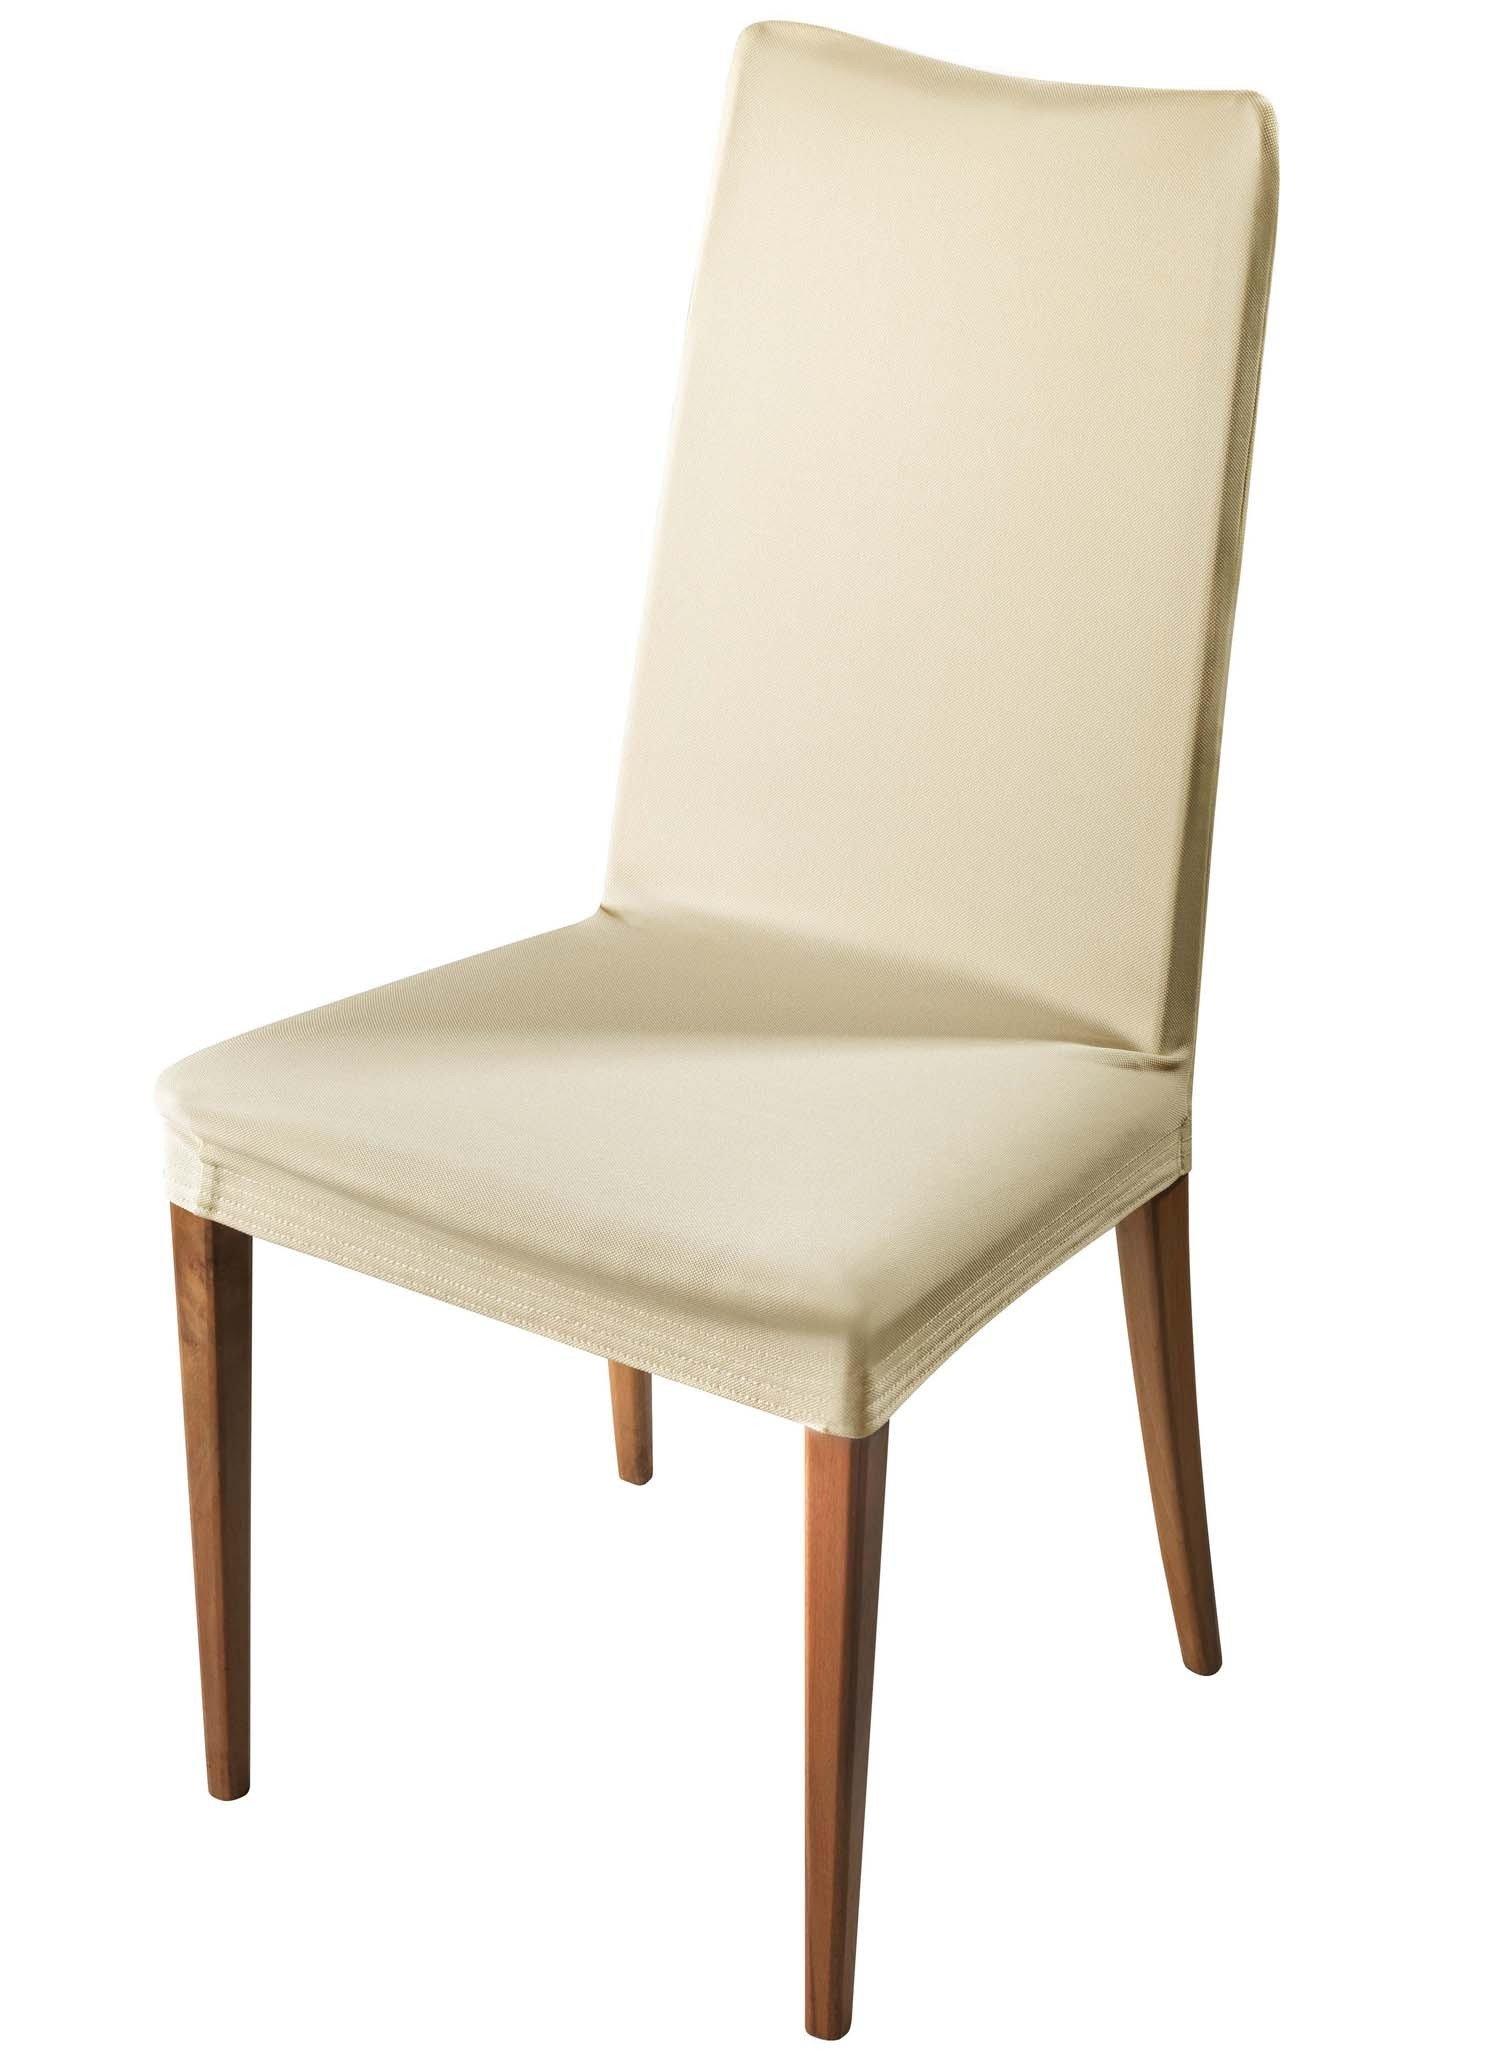 Schonbezug,Stühle h'beige 2St. - 2 - Ronja.ch